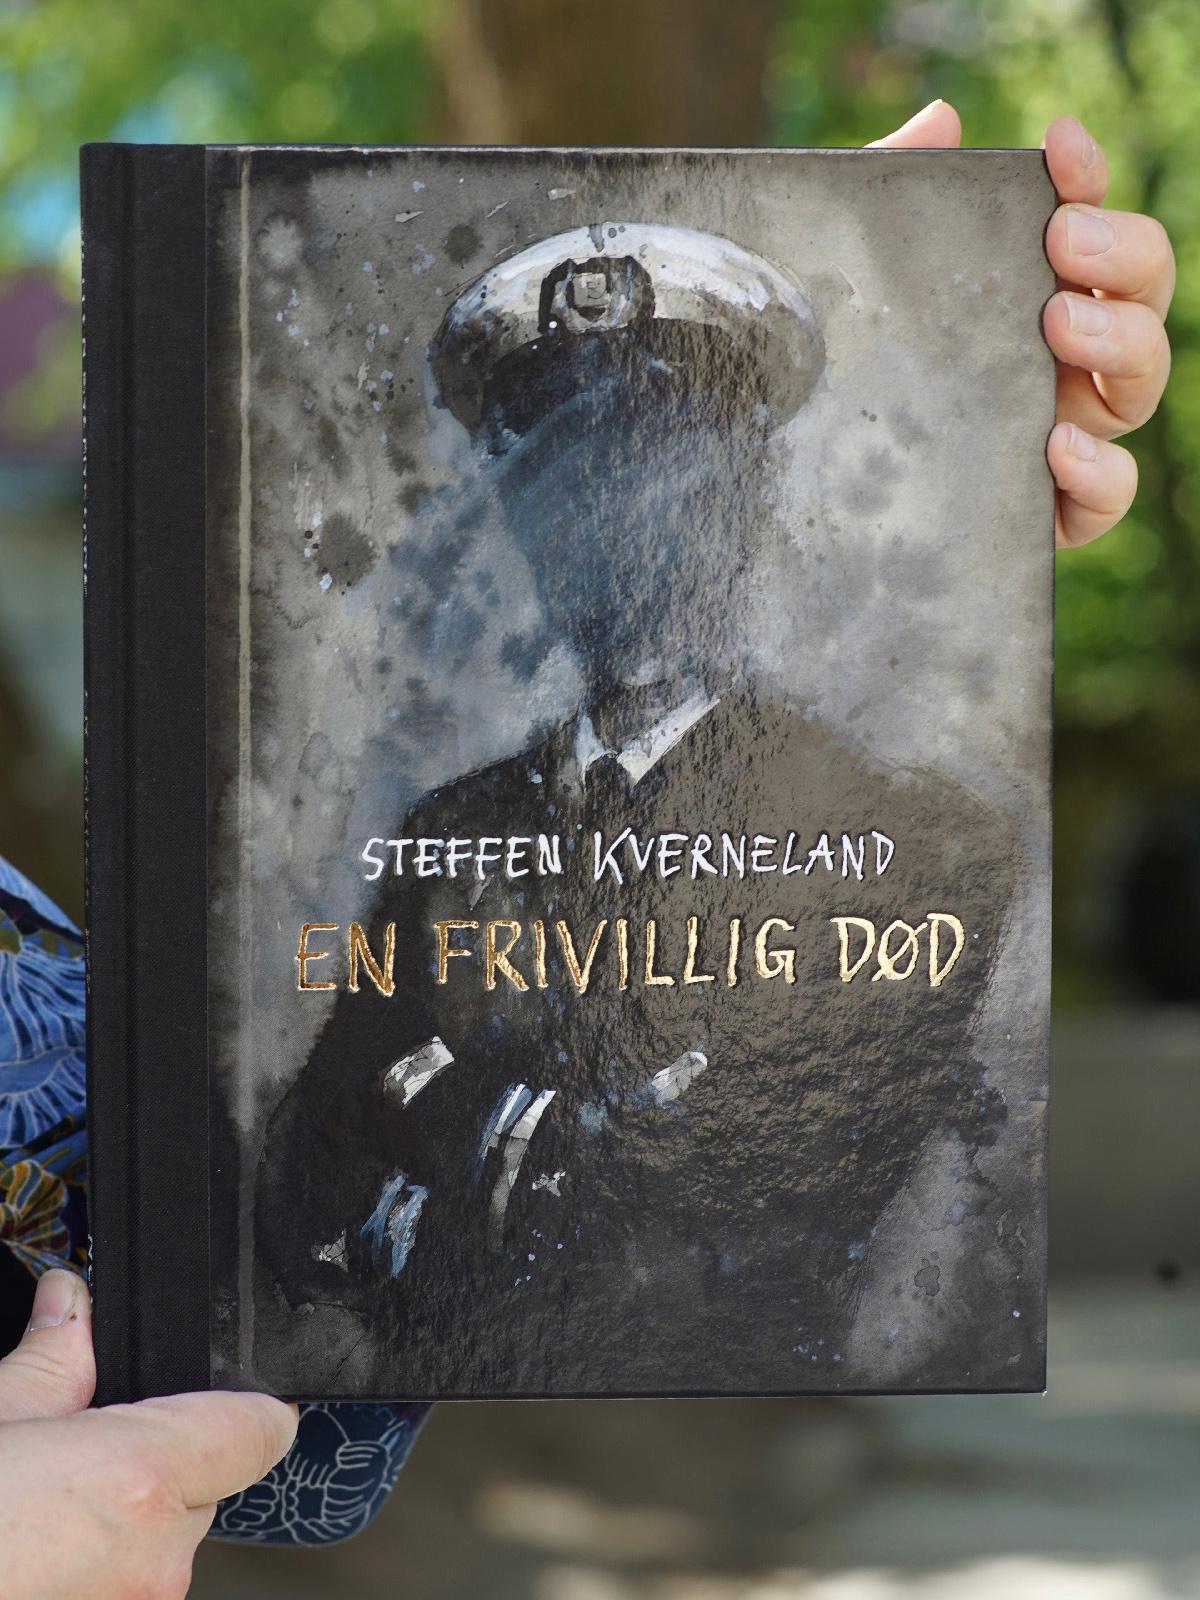 Omslaget til tegneserien En frivillig død av Steffen Kverneland